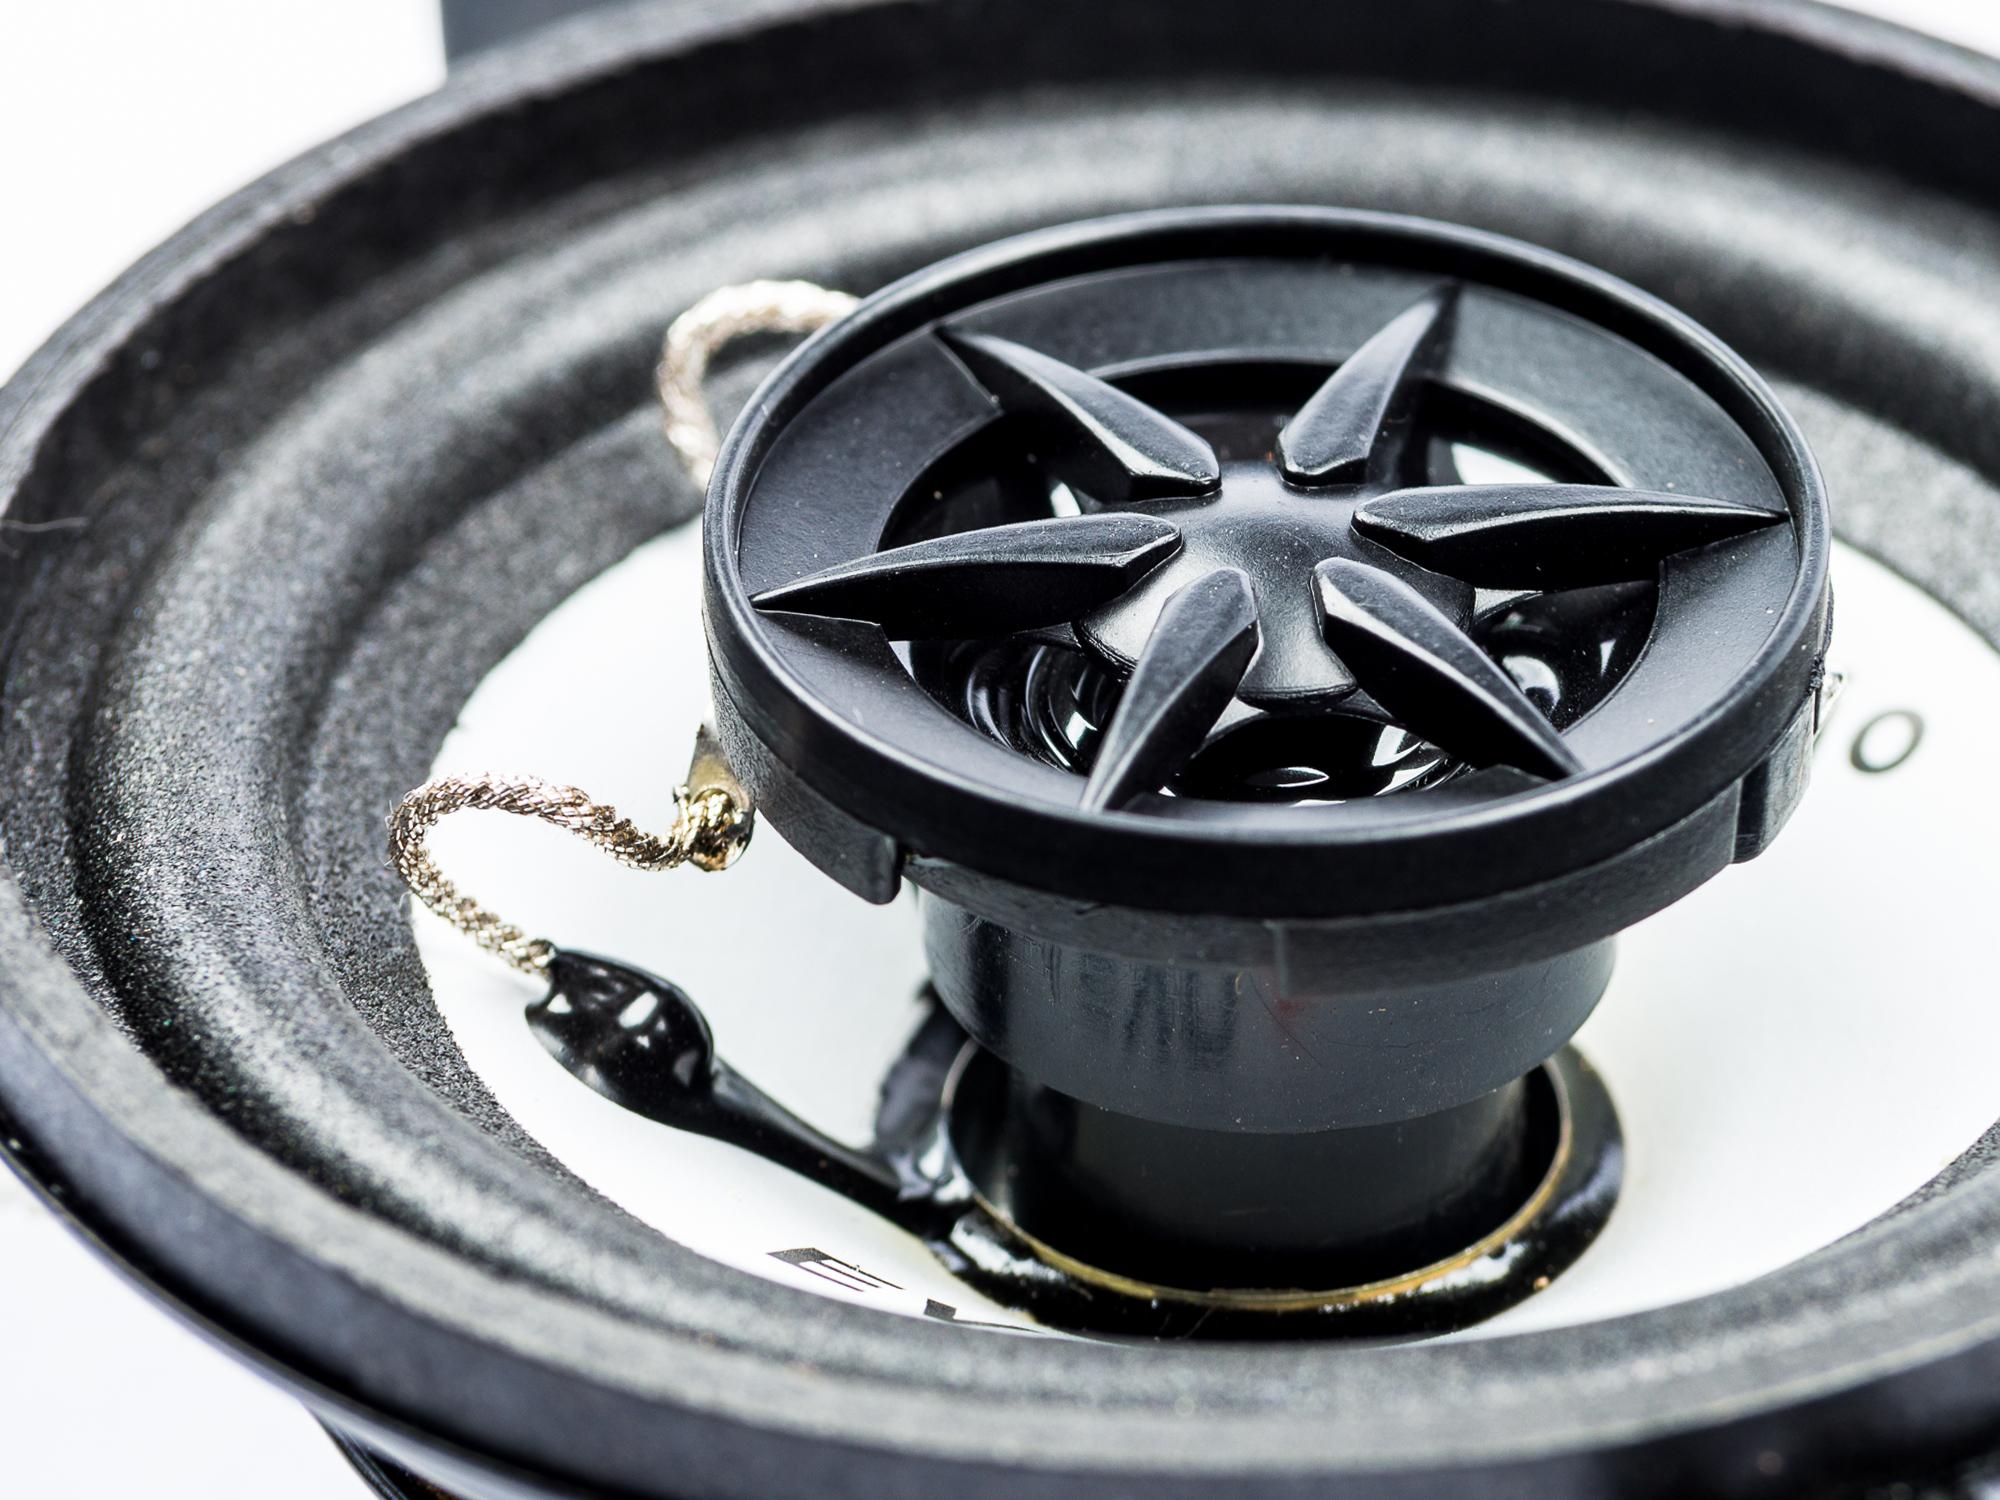 PG Audio EVO II 10.2, 10 cm 2 Wege Coax Auto Lautsprecher Armaturenbrett, Neu-Ware – Bild 4